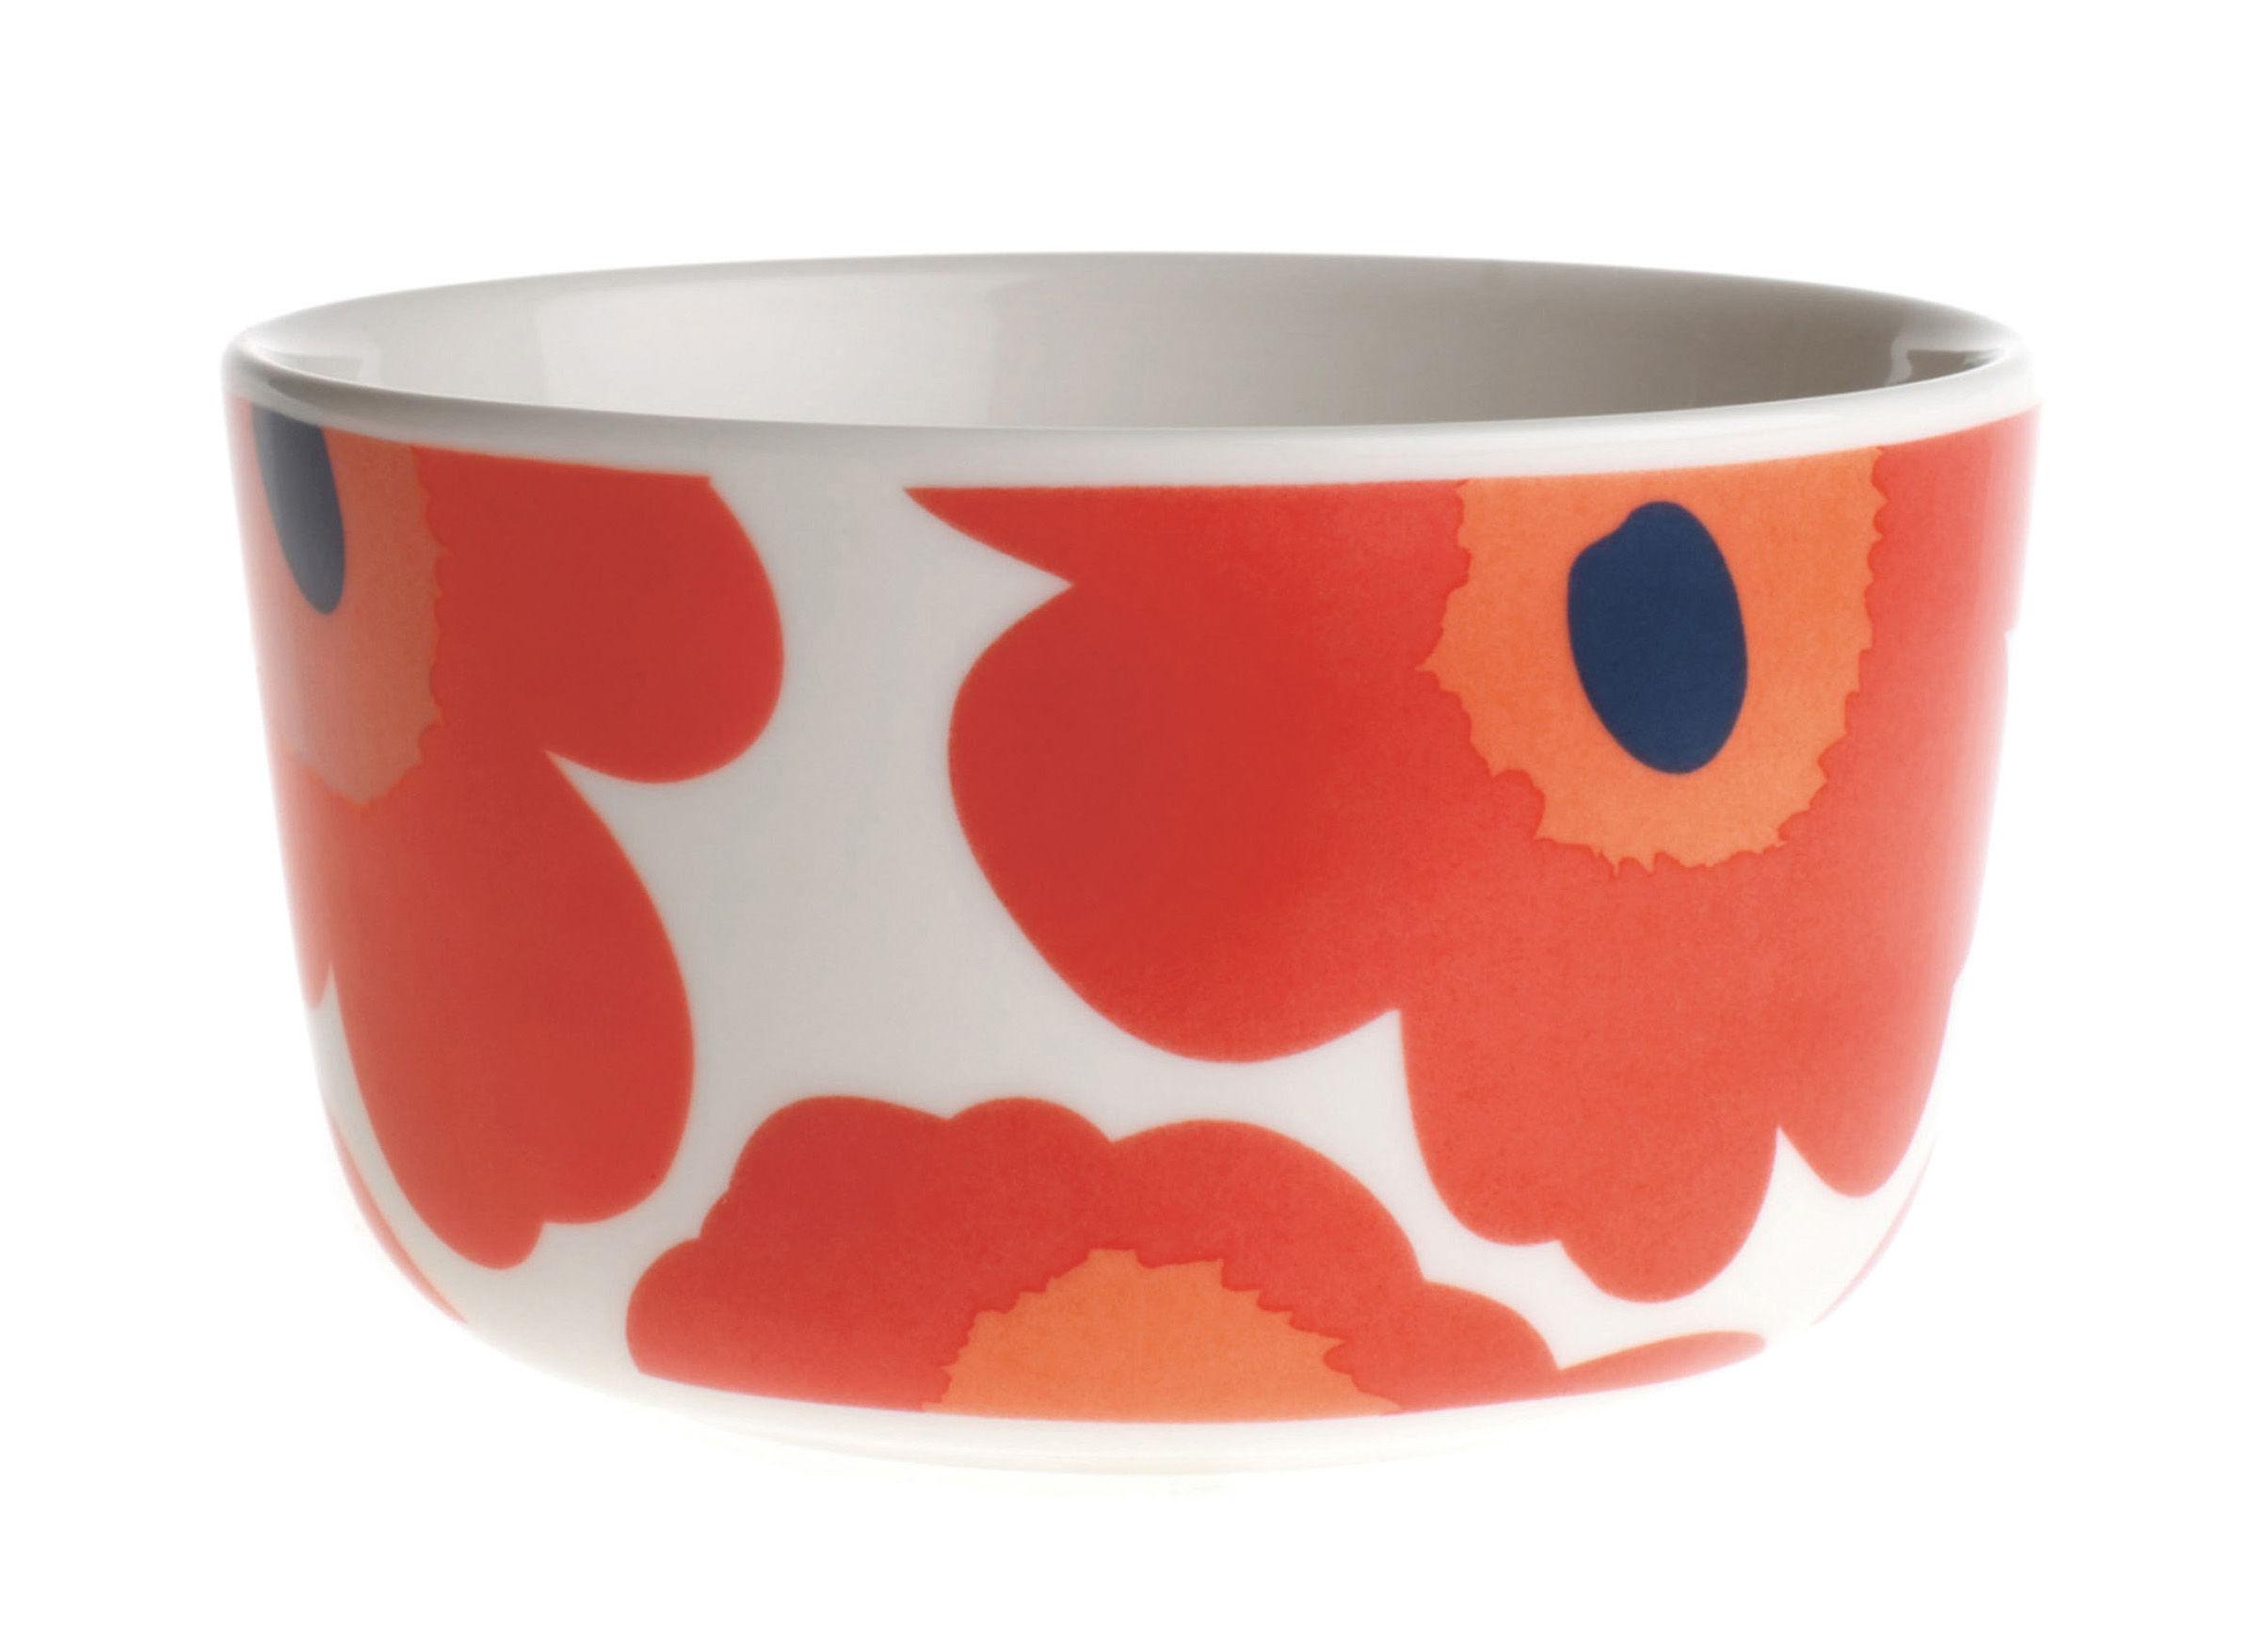 Arts de la table - Saladiers, coupes et bols - Bol Unikko / Ø 9,5 x H 6 cm - 25 cl - Marimekko - Unikko / Rouge - Porcelaine émaillée